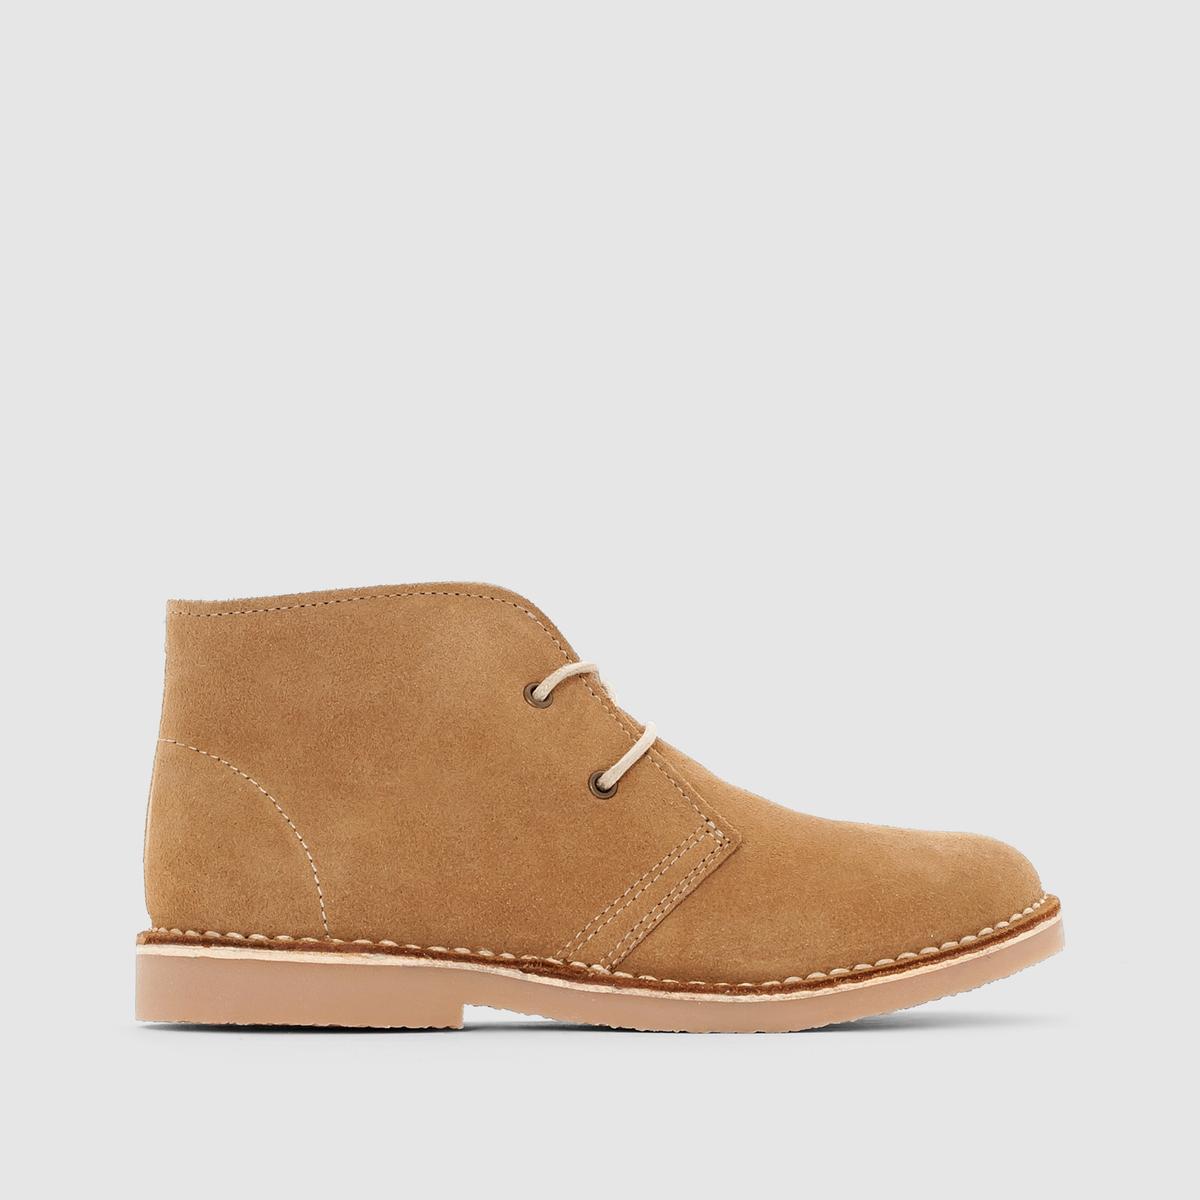 Ботинки из невыделанной кожи